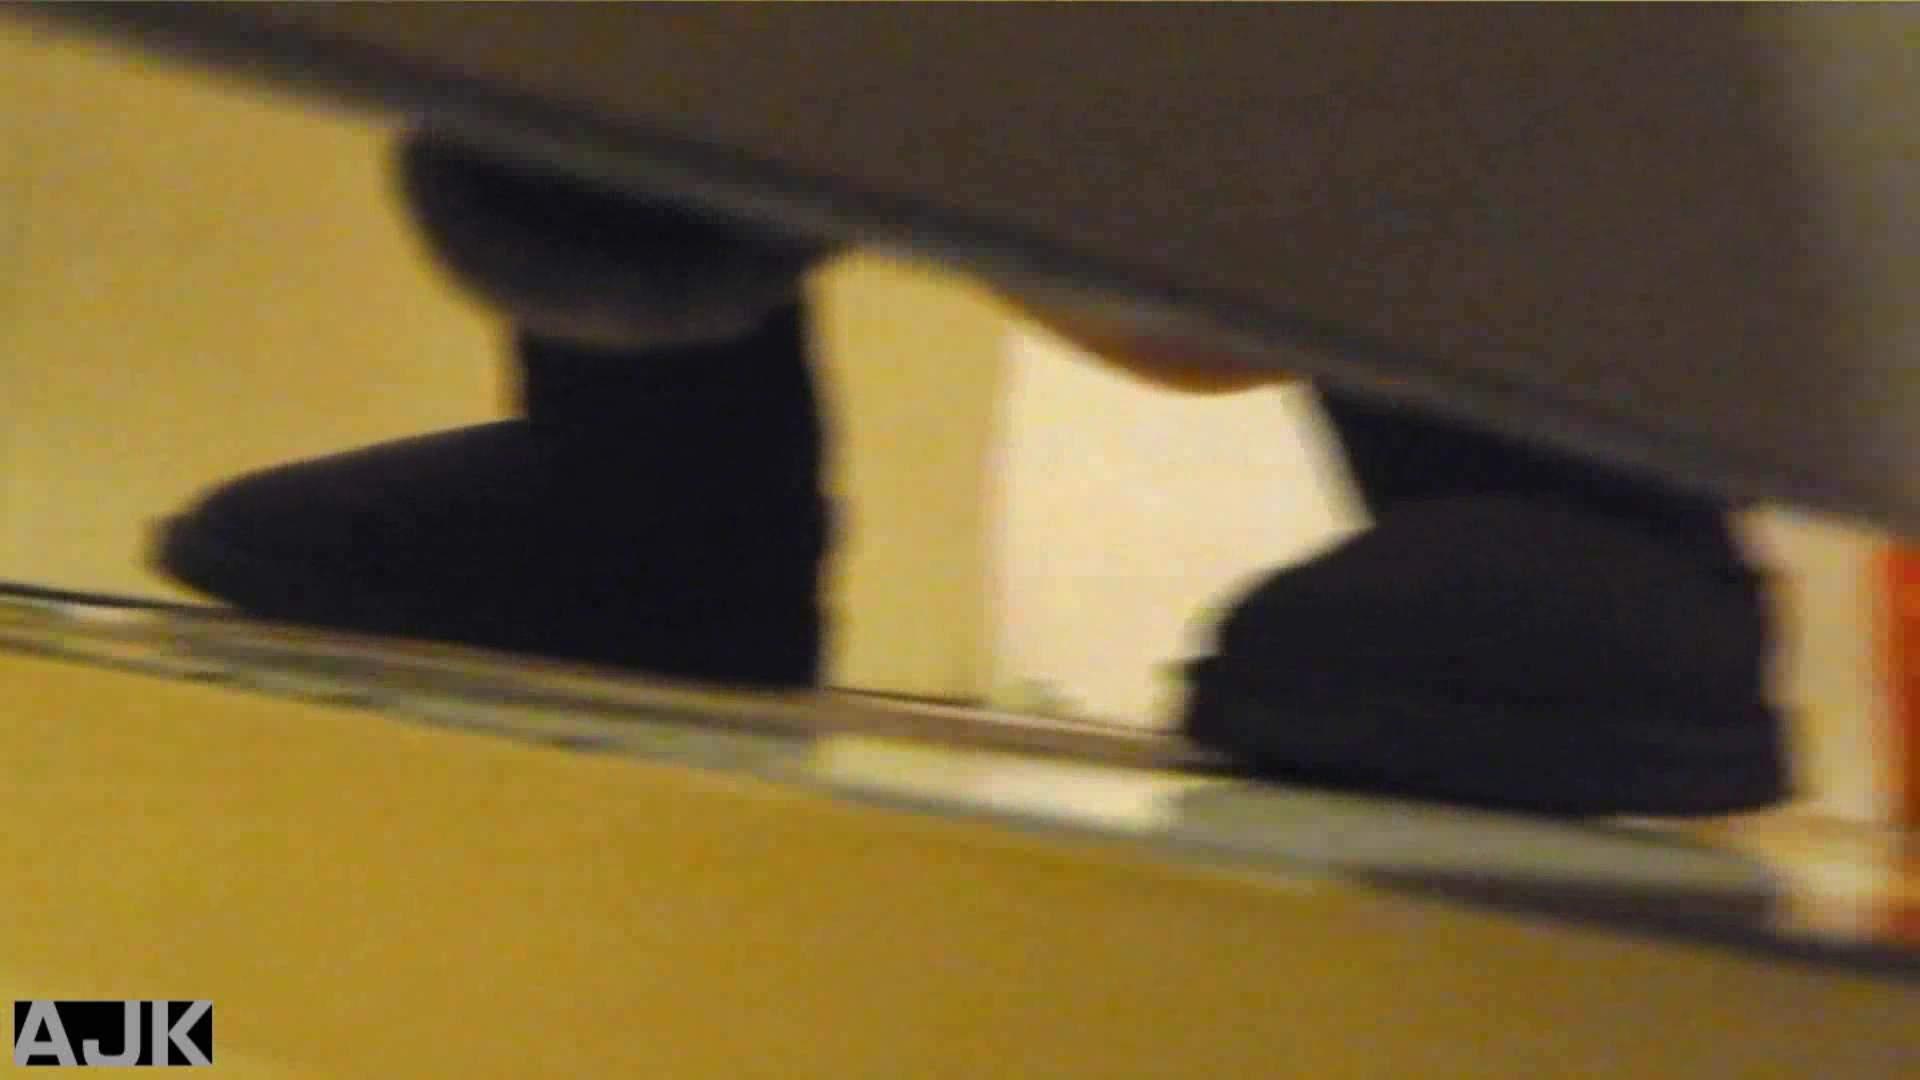 エッチ 熟女|隣国上階級エリアの令嬢たちが集うデパートお手洗い Vol.02|怪盗ジョーカー